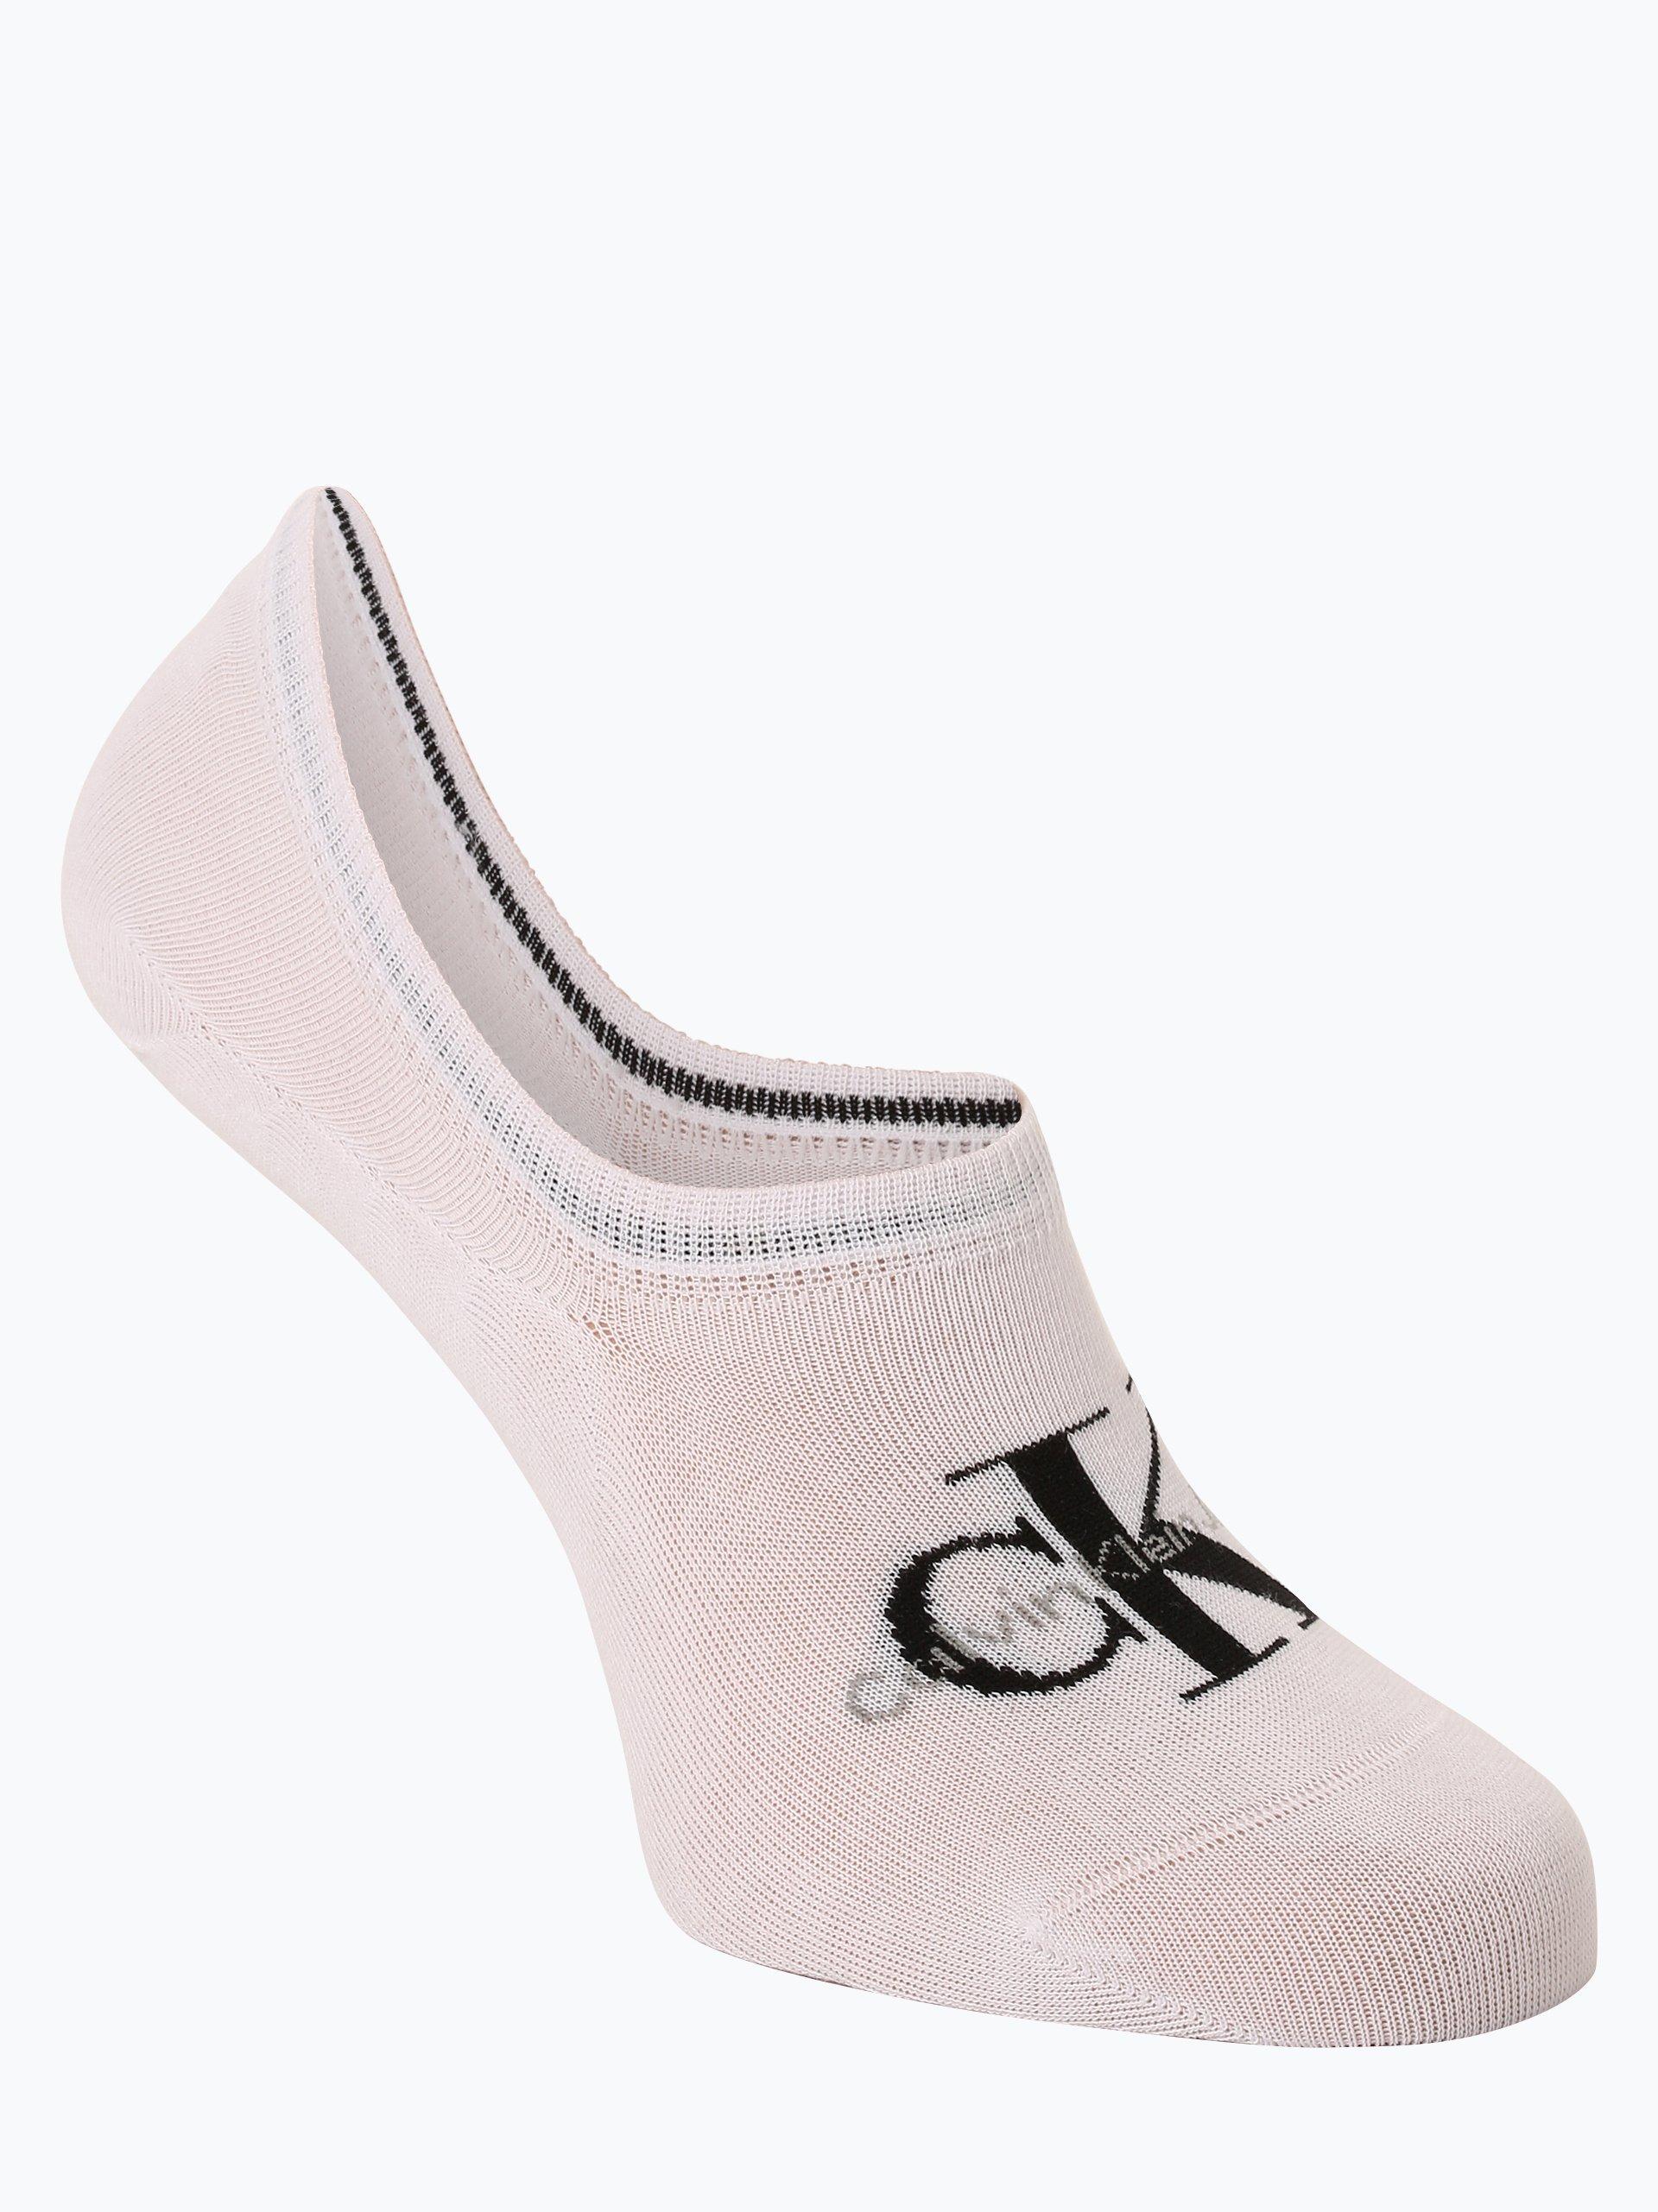 Calvin Klein Damskie skarpety do obuwia sportowego